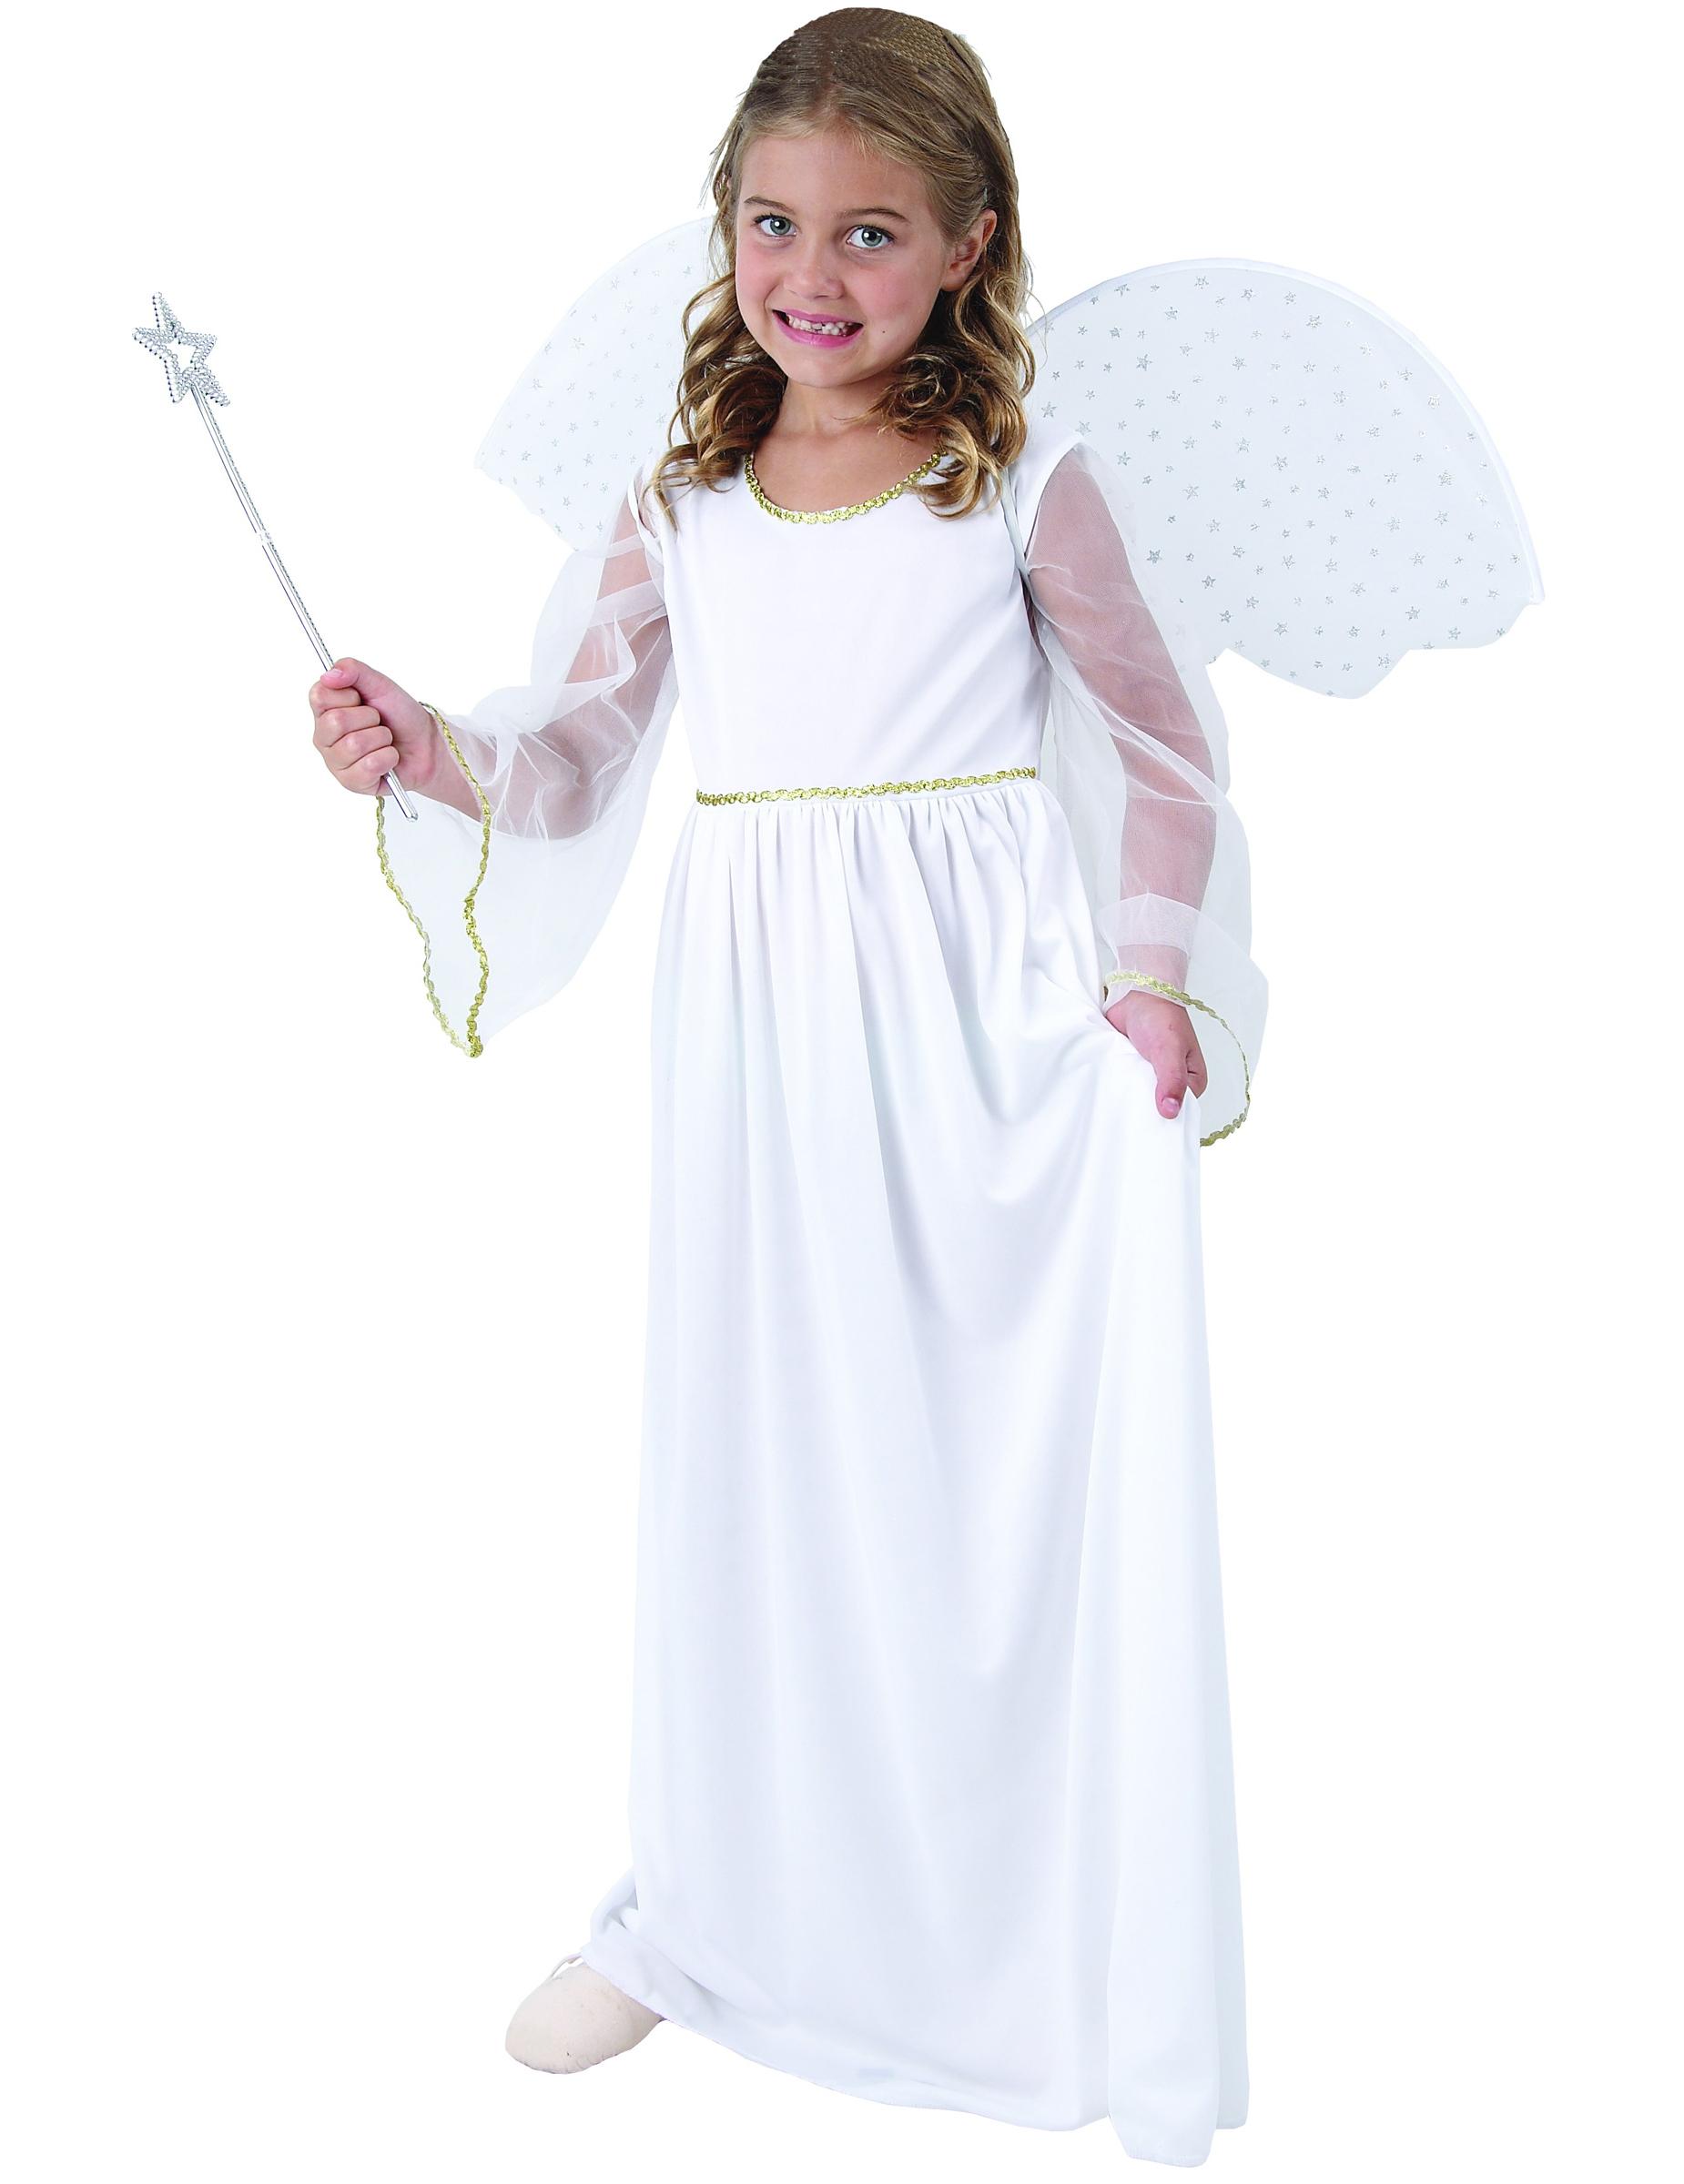 Disfraz ngel blanco nia Disfraces niosy disfraces originales